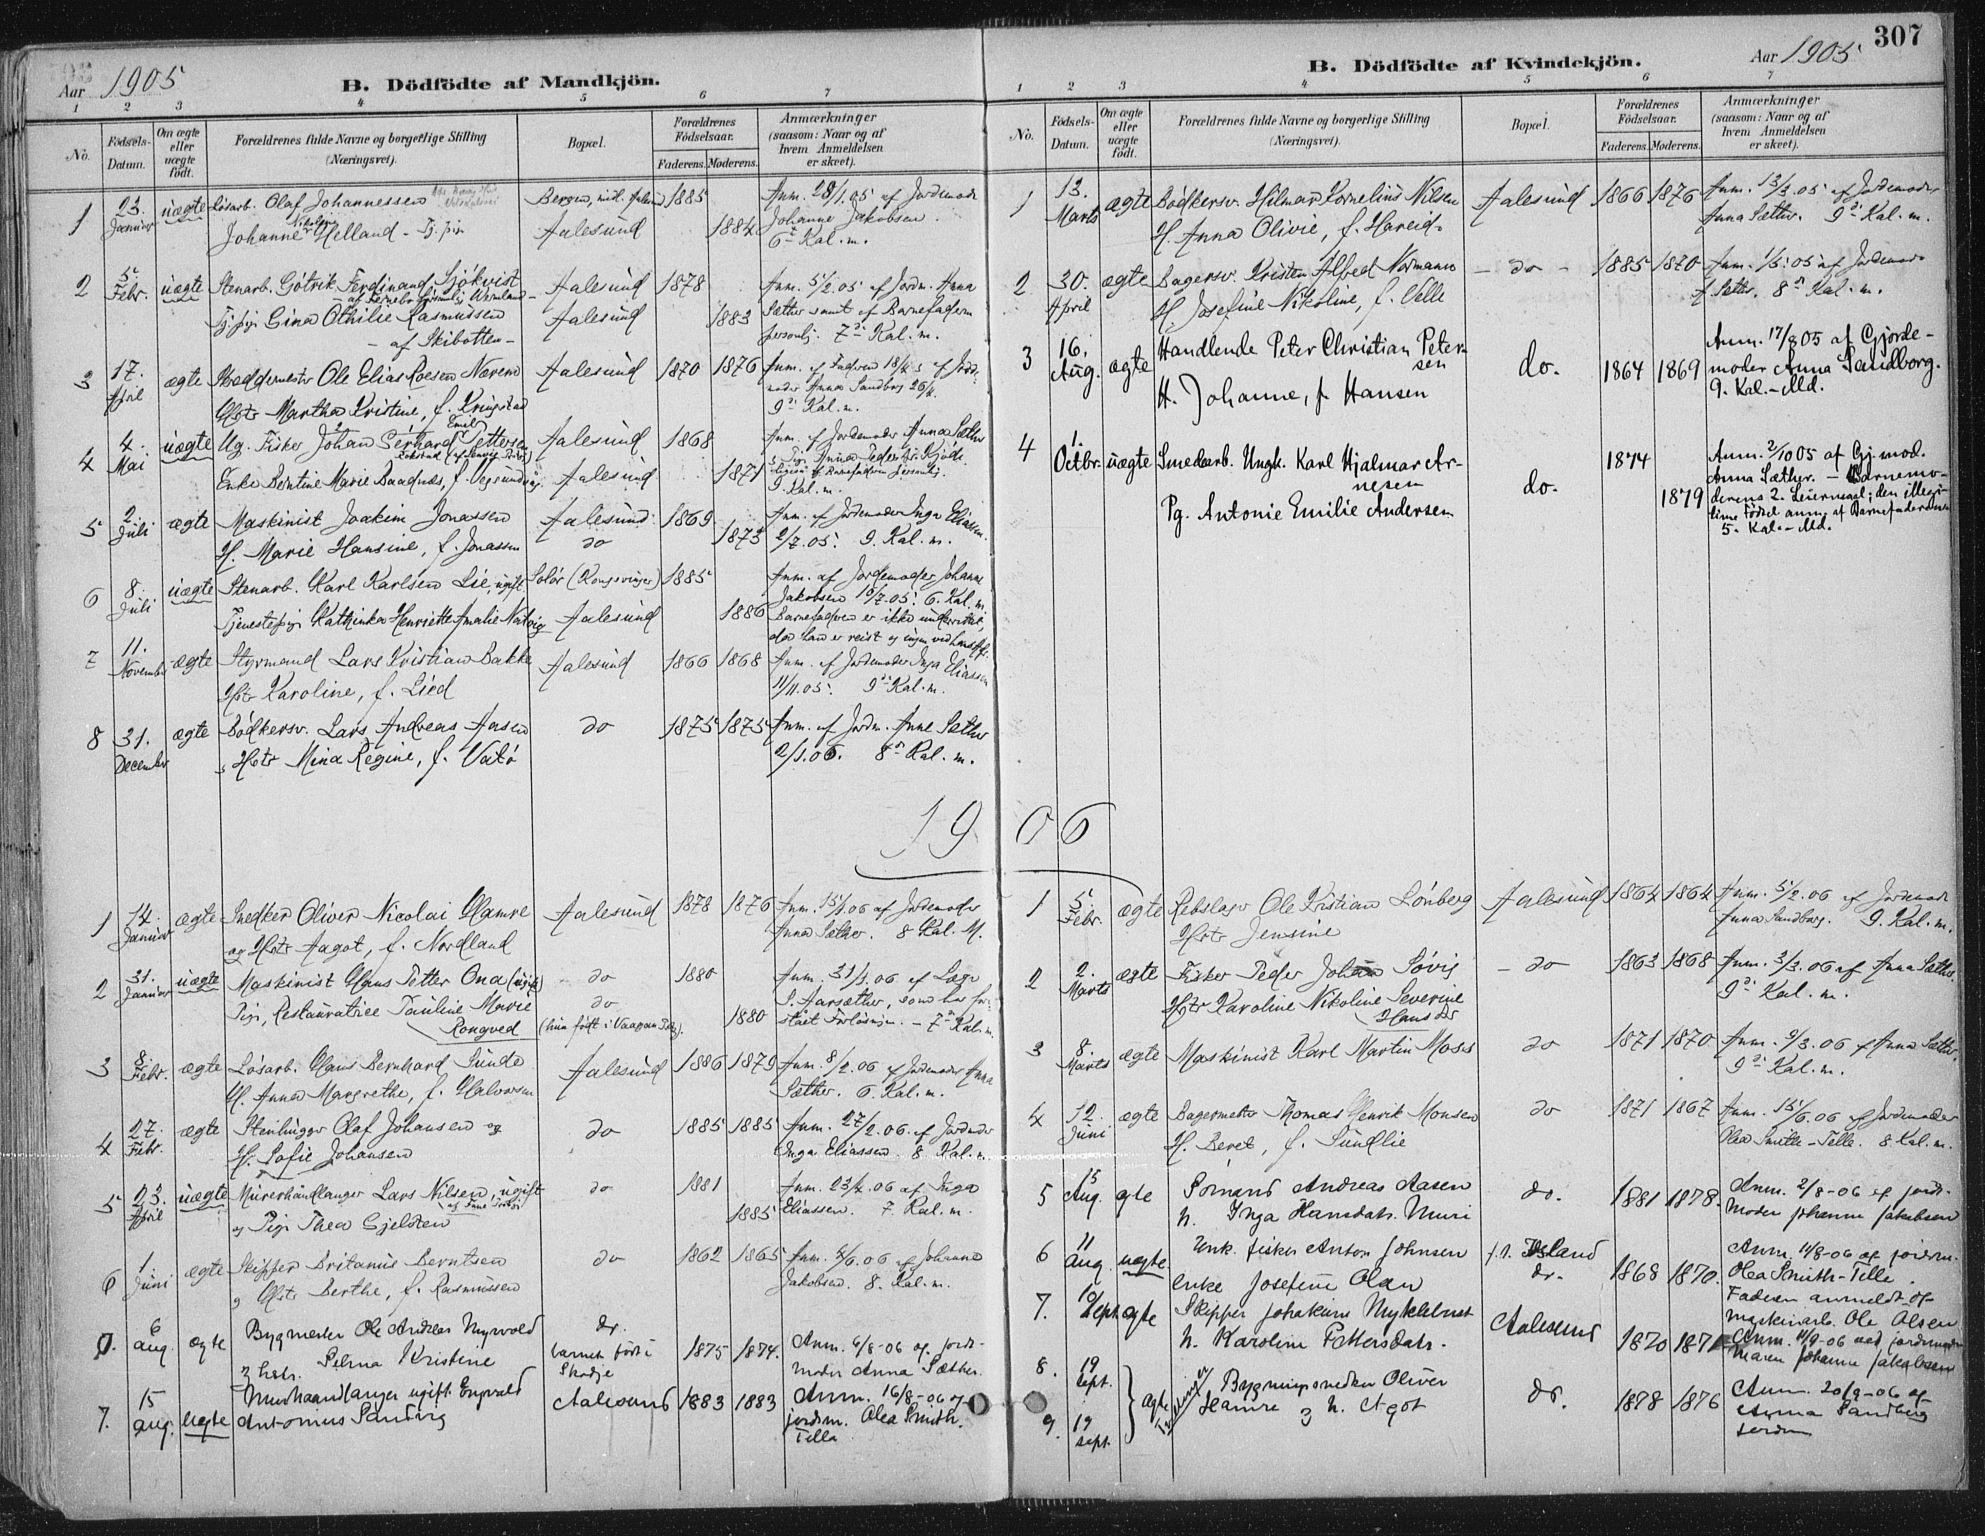 SAT, Ministerialprotokoller, klokkerbøker og fødselsregistre - Møre og Romsdal, 529/L0456: Ministerialbok nr. 529A06, 1894-1906, s. 307